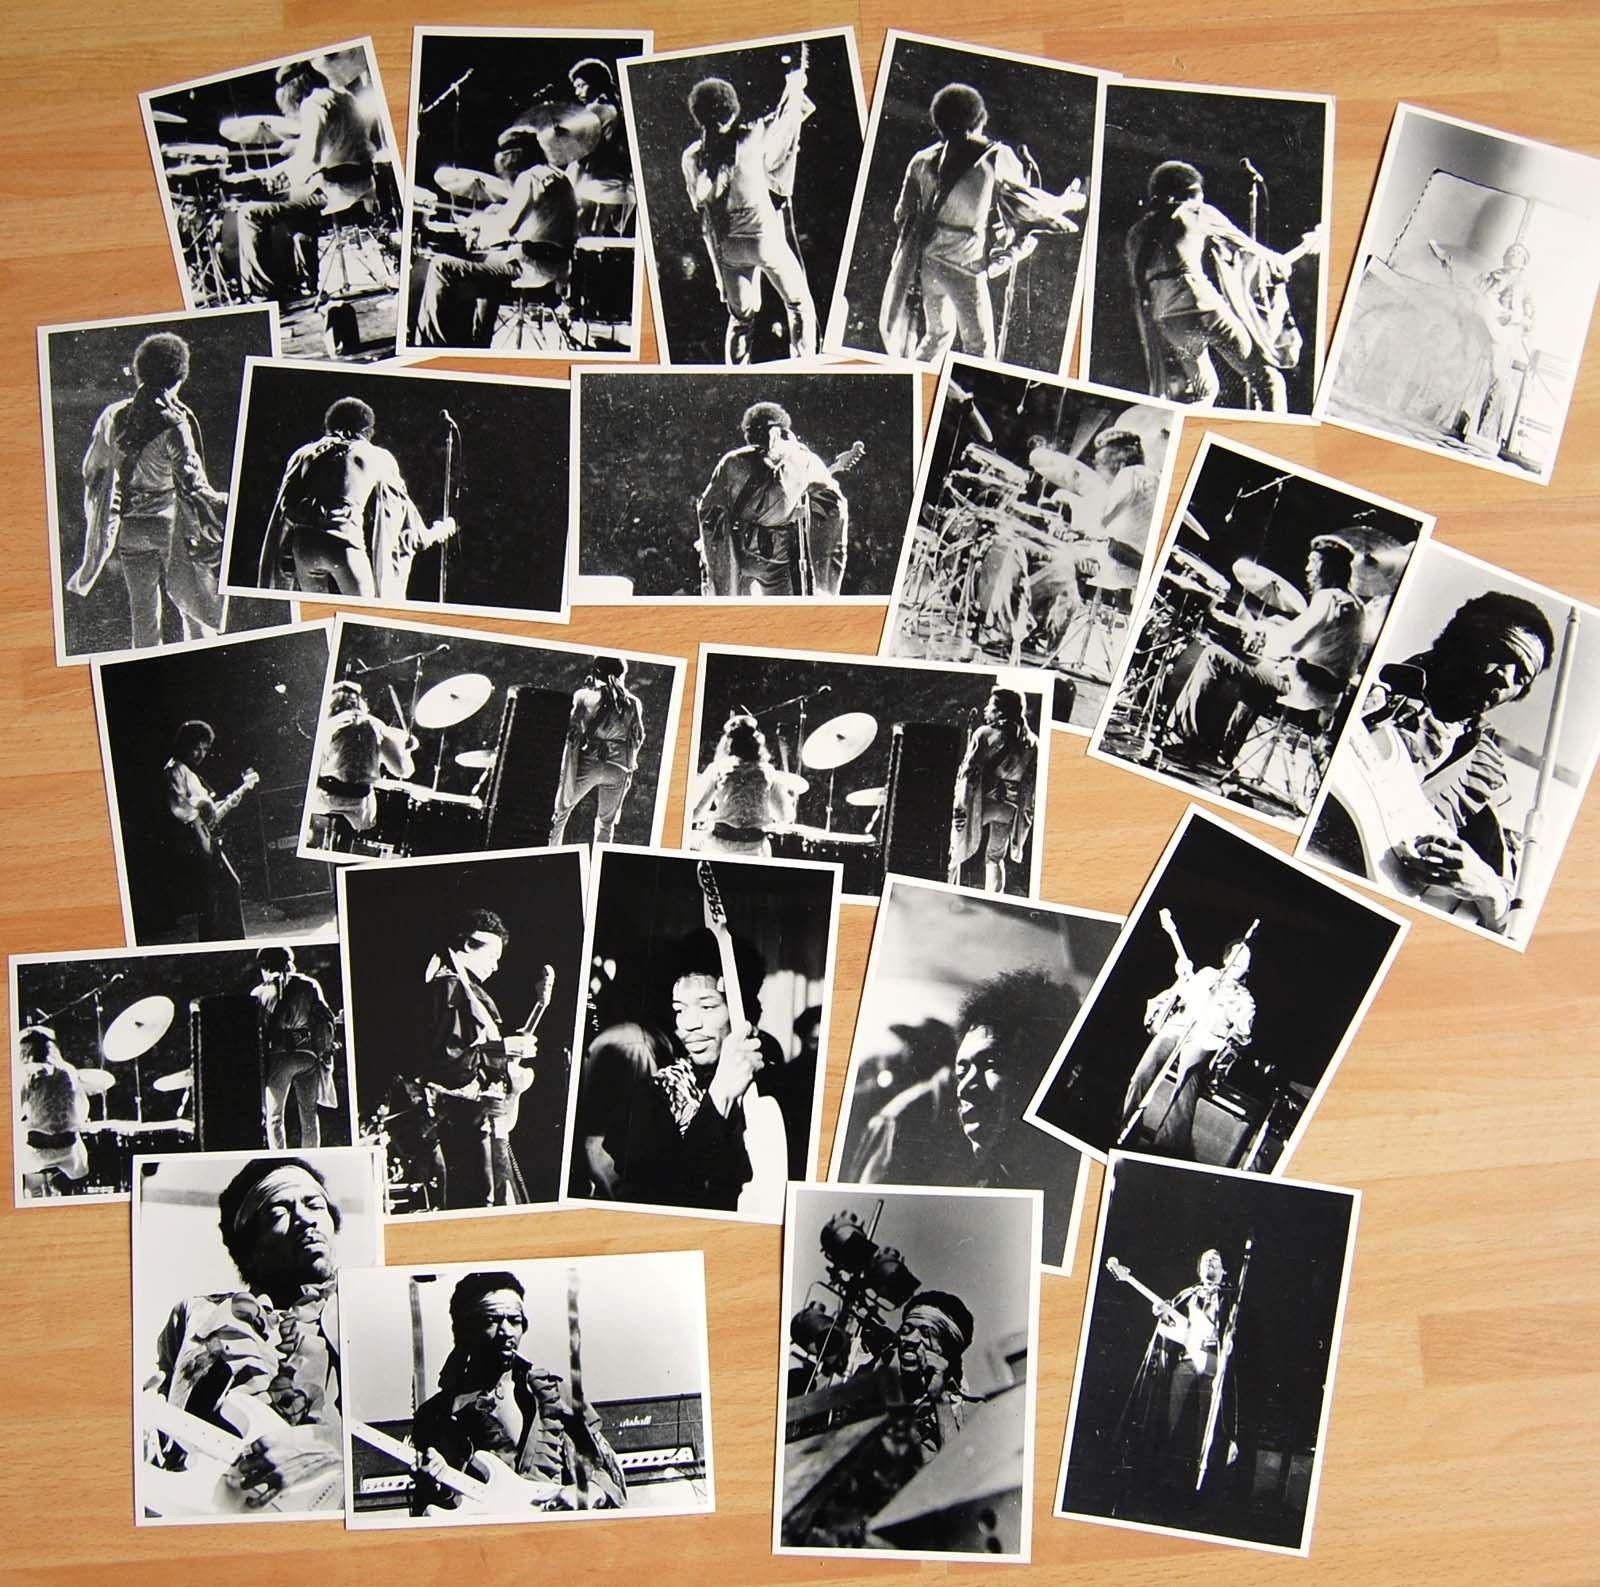 Boston (Boston Garden) : 27 juin 1970 9704a3ca57aa11ff8af97fe0b877a7bd